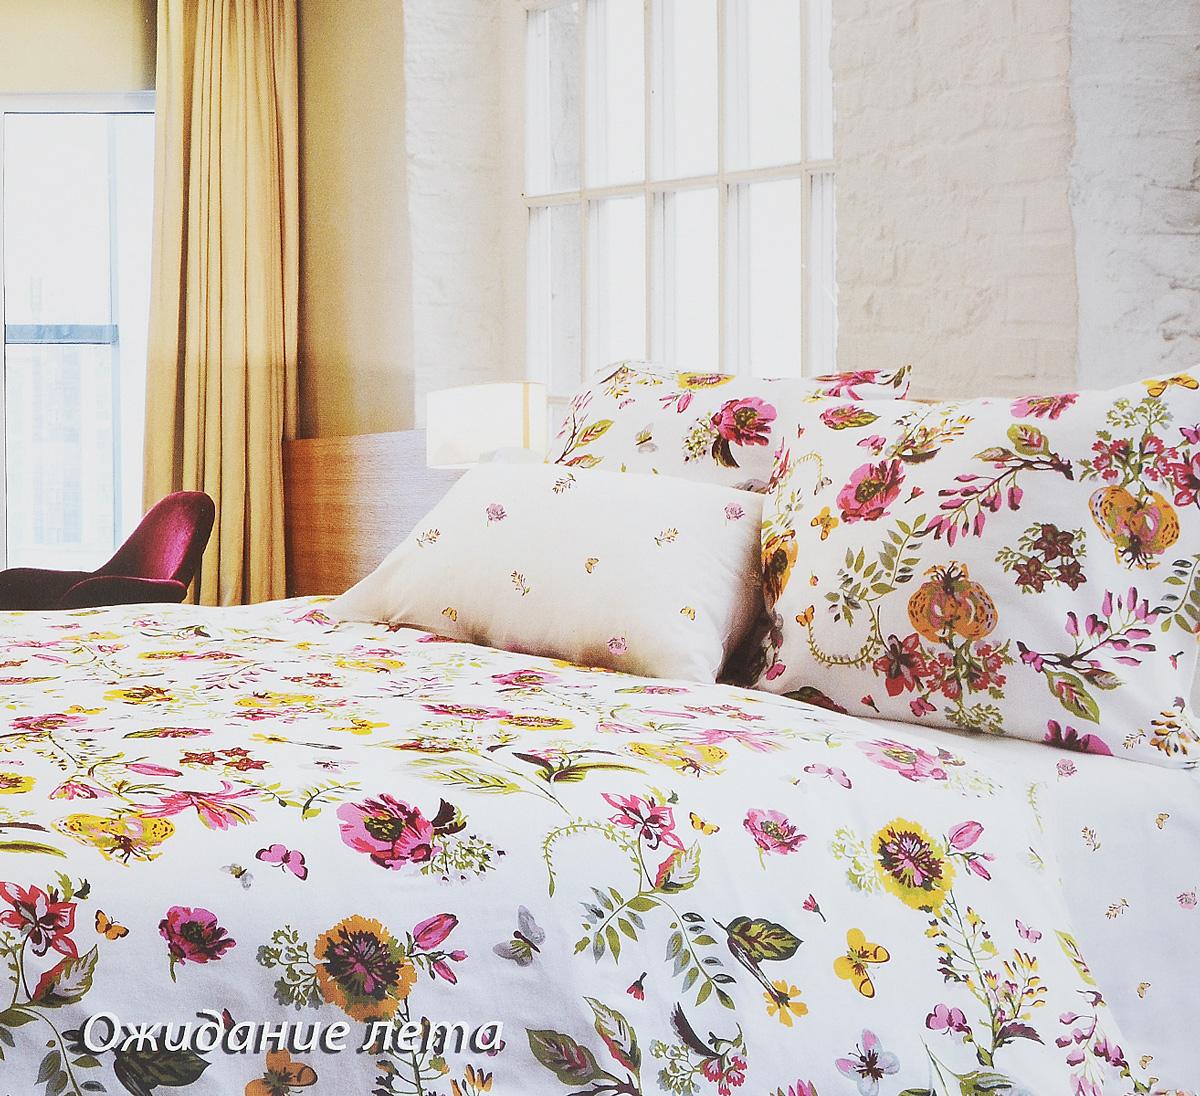 Комплект белья Tiffanys Secret Ожидание лета, евро, наволочки 50х70, цвет: белый, розовый, желтый391602Комплект постельного белья Tiffanys Secret Ожидание лета является экологически безопасным для всей семьи, так как выполнен из сатина (100% хлопок). Комплект состоит из пододеяльника, простыни и двух наволочек. Предметы комплекта оформлены оригинальным рисунком.Благодаря такому комплекту постельного белья вы сможете создать атмосферу уюта и комфорта в вашей спальне.Сатин - это ткань, навсегда покорившая сердца человечества. Ценившие роскошь персы называли ее атлас, а искушенные в прекрасном французы - сатин. Секрет высококачественного сатина в безупречности всего технологического процесса. Эту благородную ткань делают только из отборной натуральной пряжи, которую получают из самого лучшего тонковолокнистого хлопка. Благодаря использованию самой тонкой хлопковой нити получается необычайно мягкое и нежное полотно. Сатиновое постельное белье превращает жаркие летние ночи в прохладные и освежающие, а холодные зимние - в теплые и согревающие. Сатин очень приятен на ощупь, постельное белье из него долговечно, выдерживает более 300 стирок, и лишь спустя долгое время материал начинает немного тускнеть. Оцените все достоинства постельного белья из сатина, выбирая самое лучшее для себя!